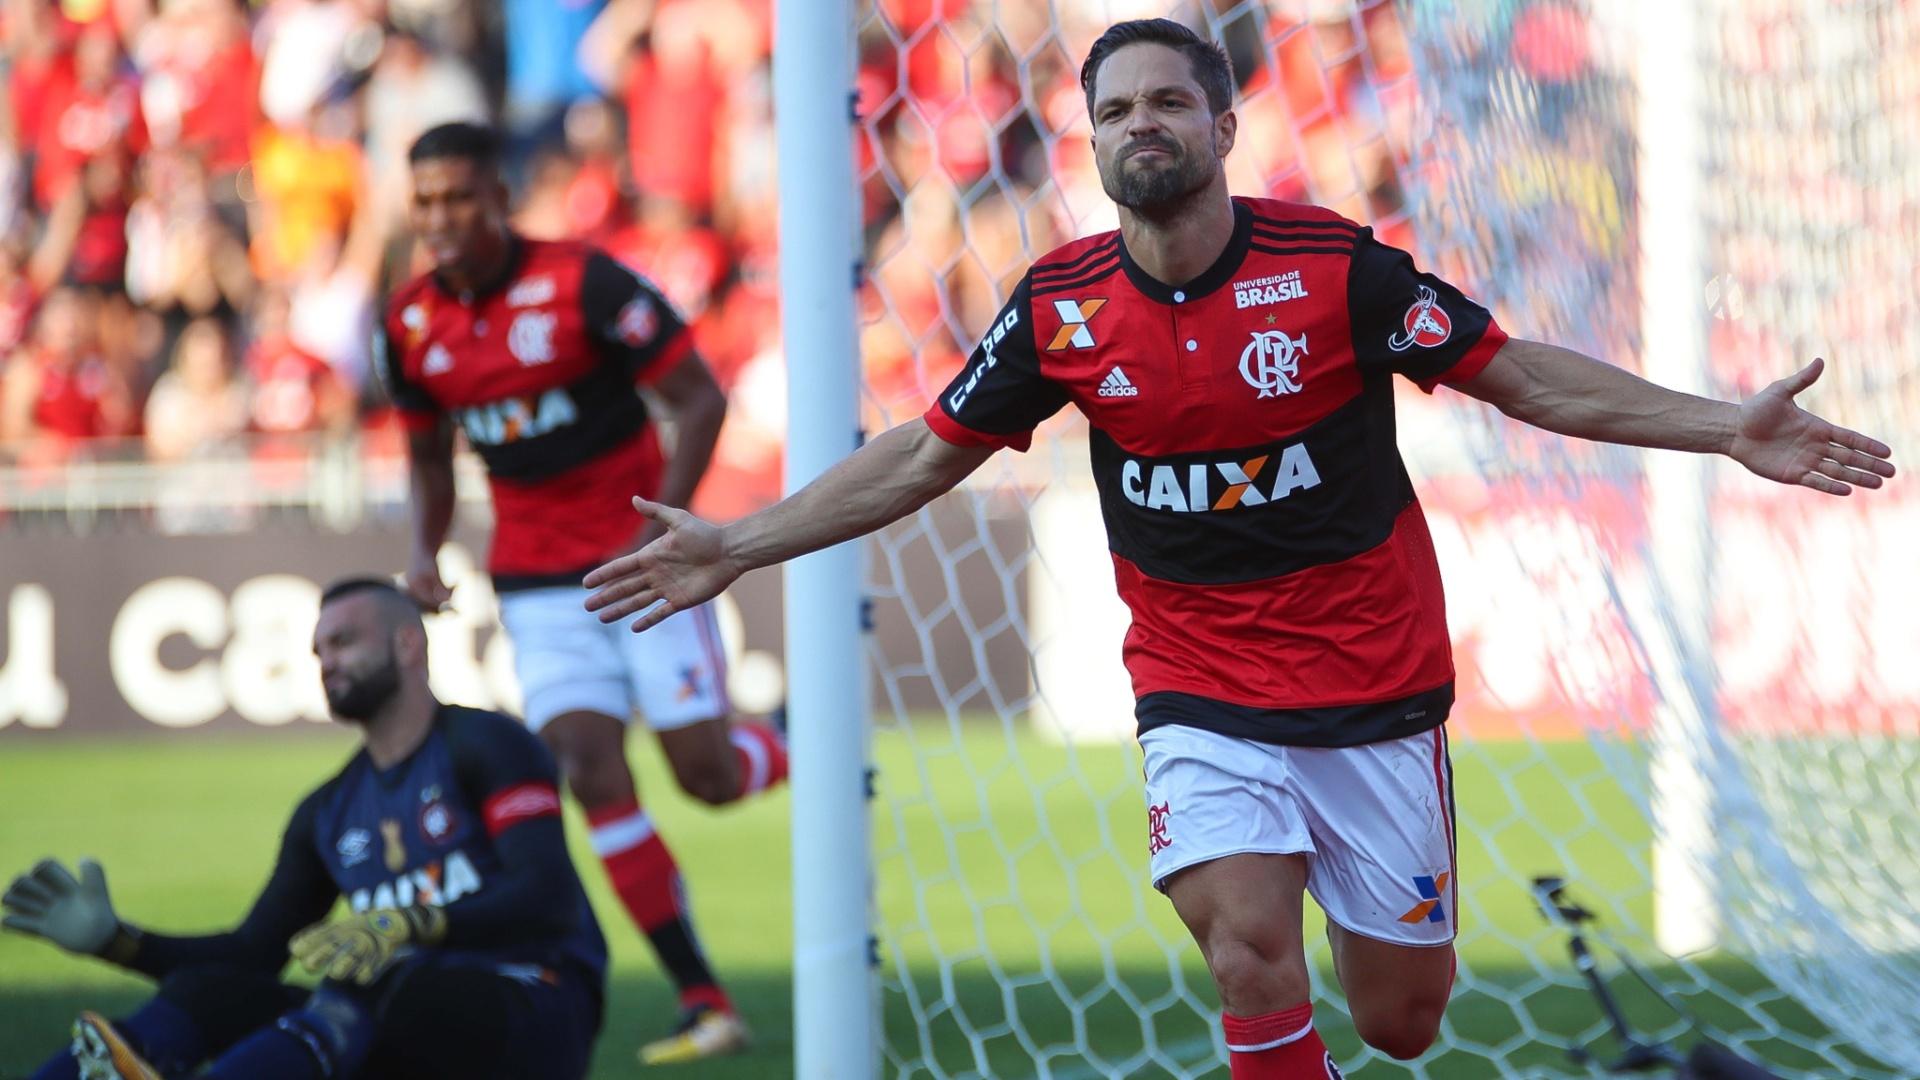 Diego comemora gol marcado pelo Flamengo sobre o Atlético-PR